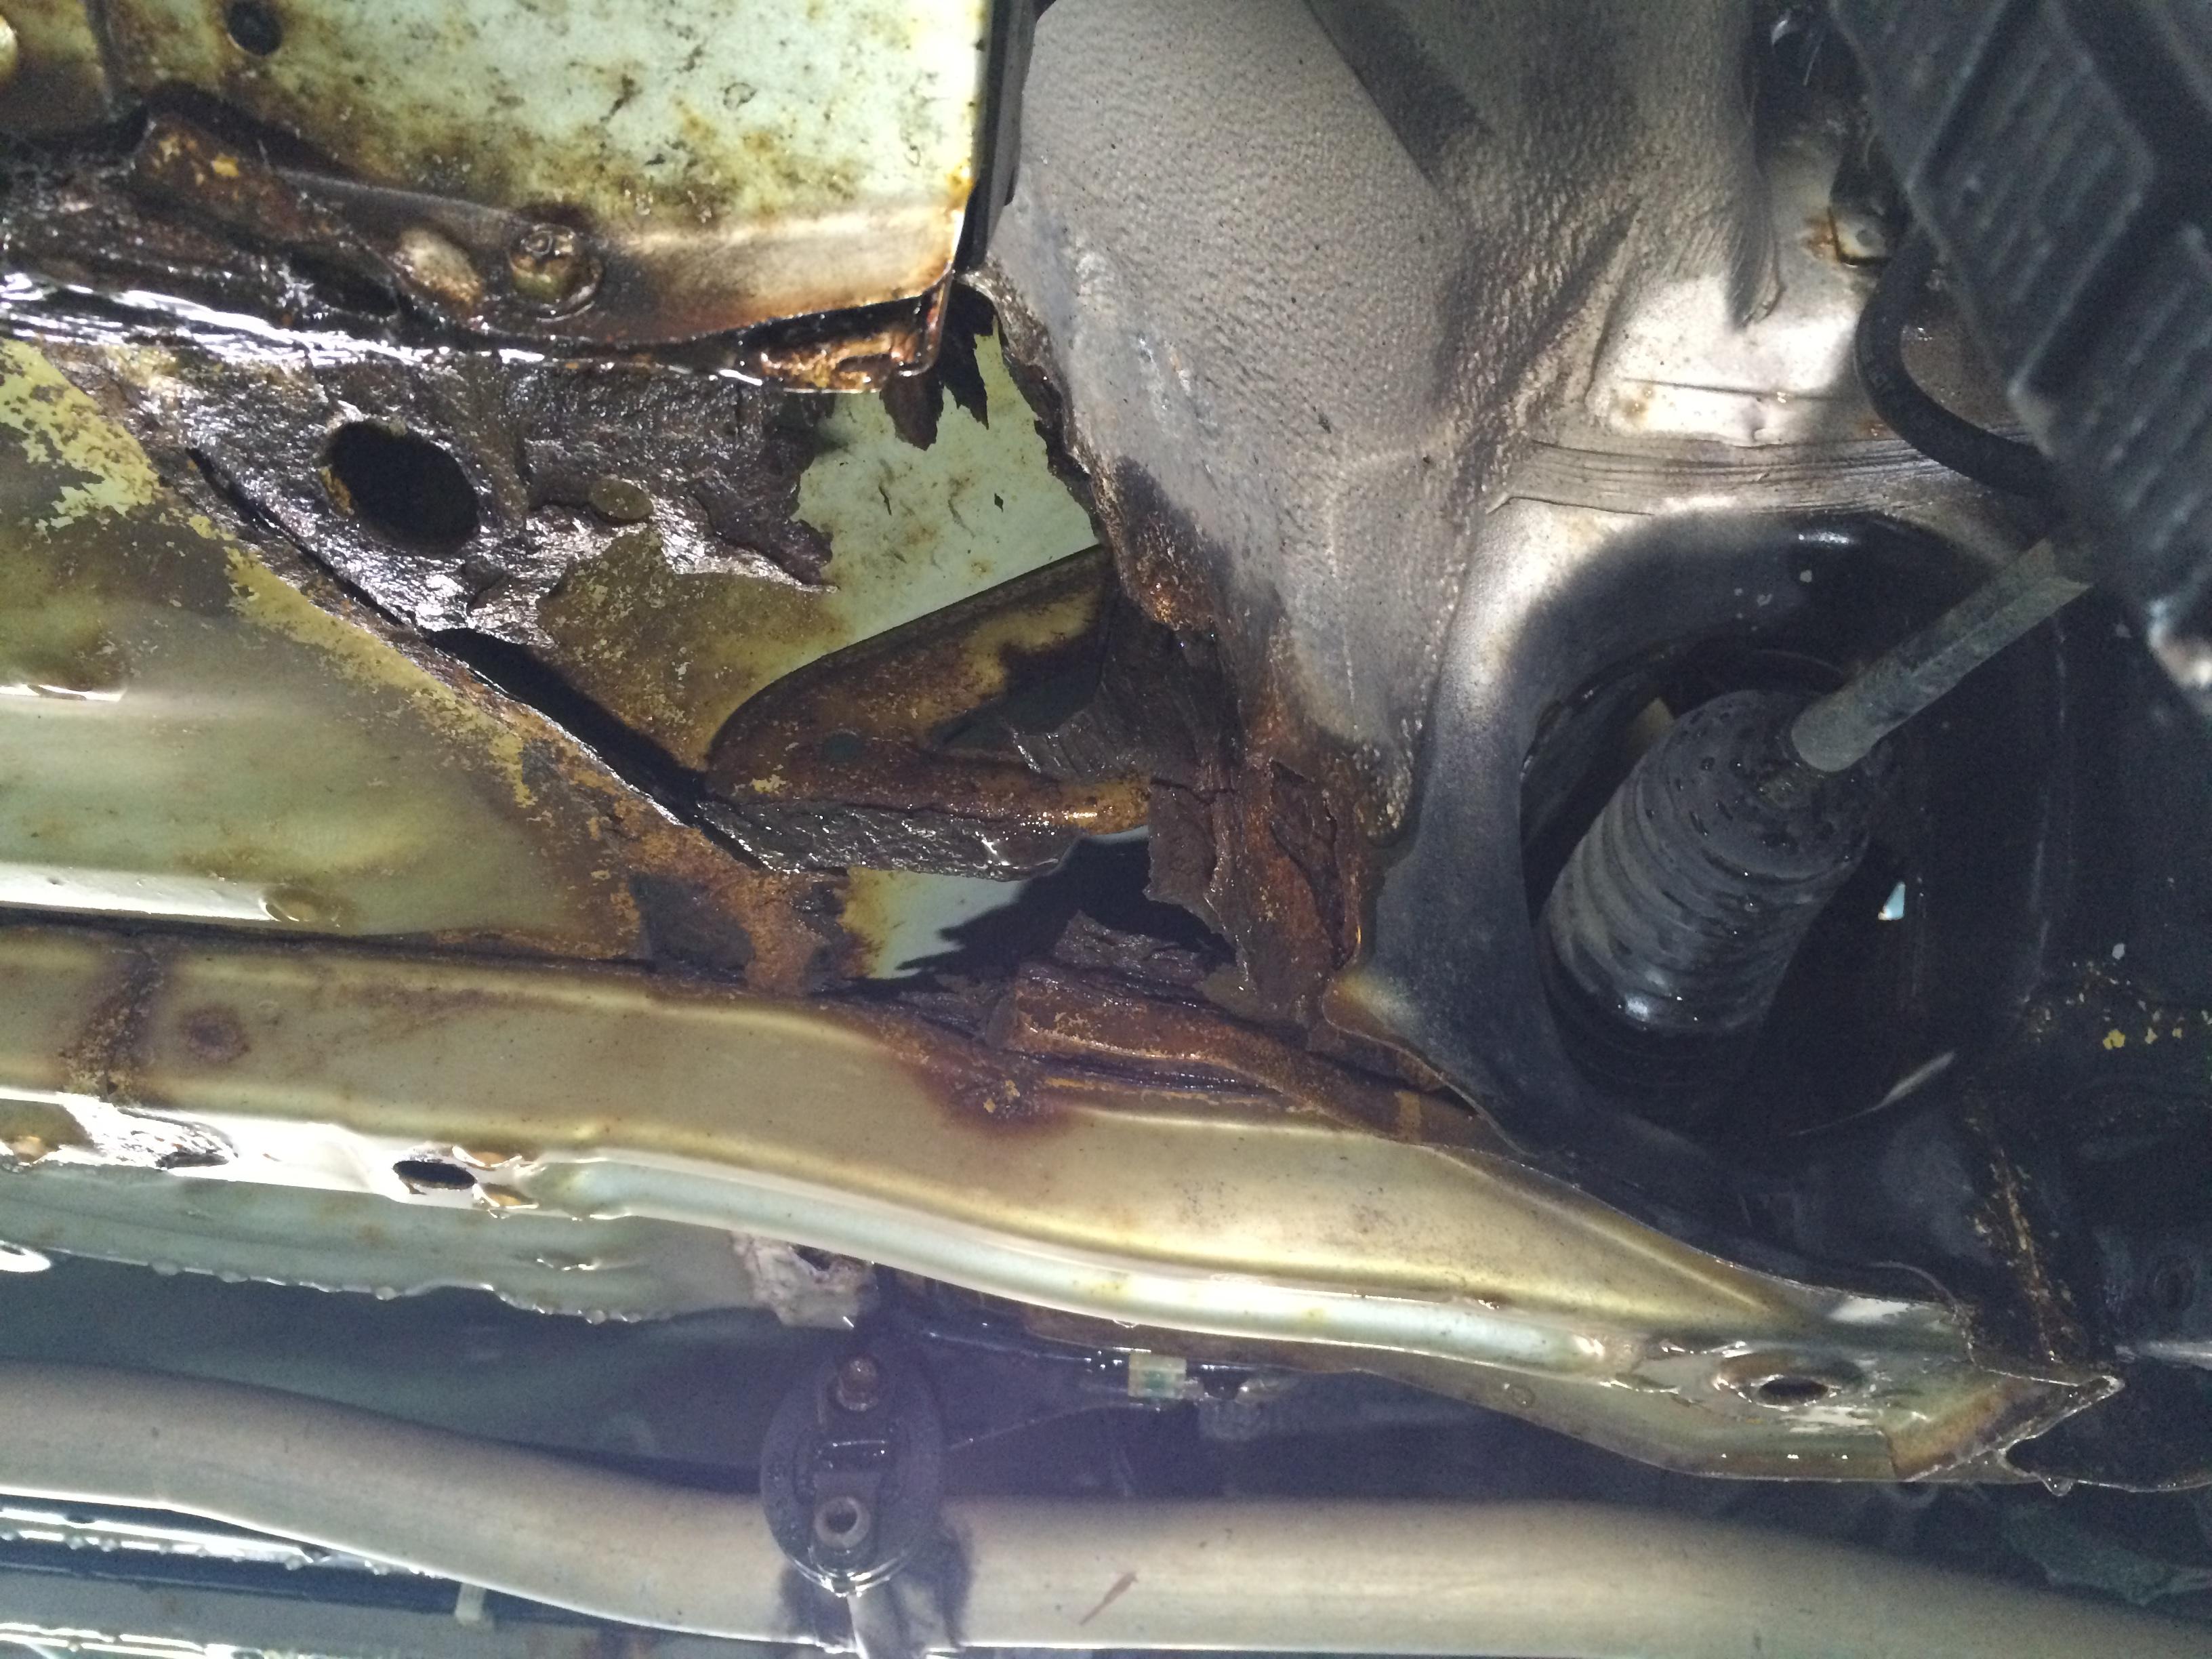 塩カルによるボディの腐食は車に深刻なダメージを与える。そろそろ融雪剤を見直してもいいのでは?